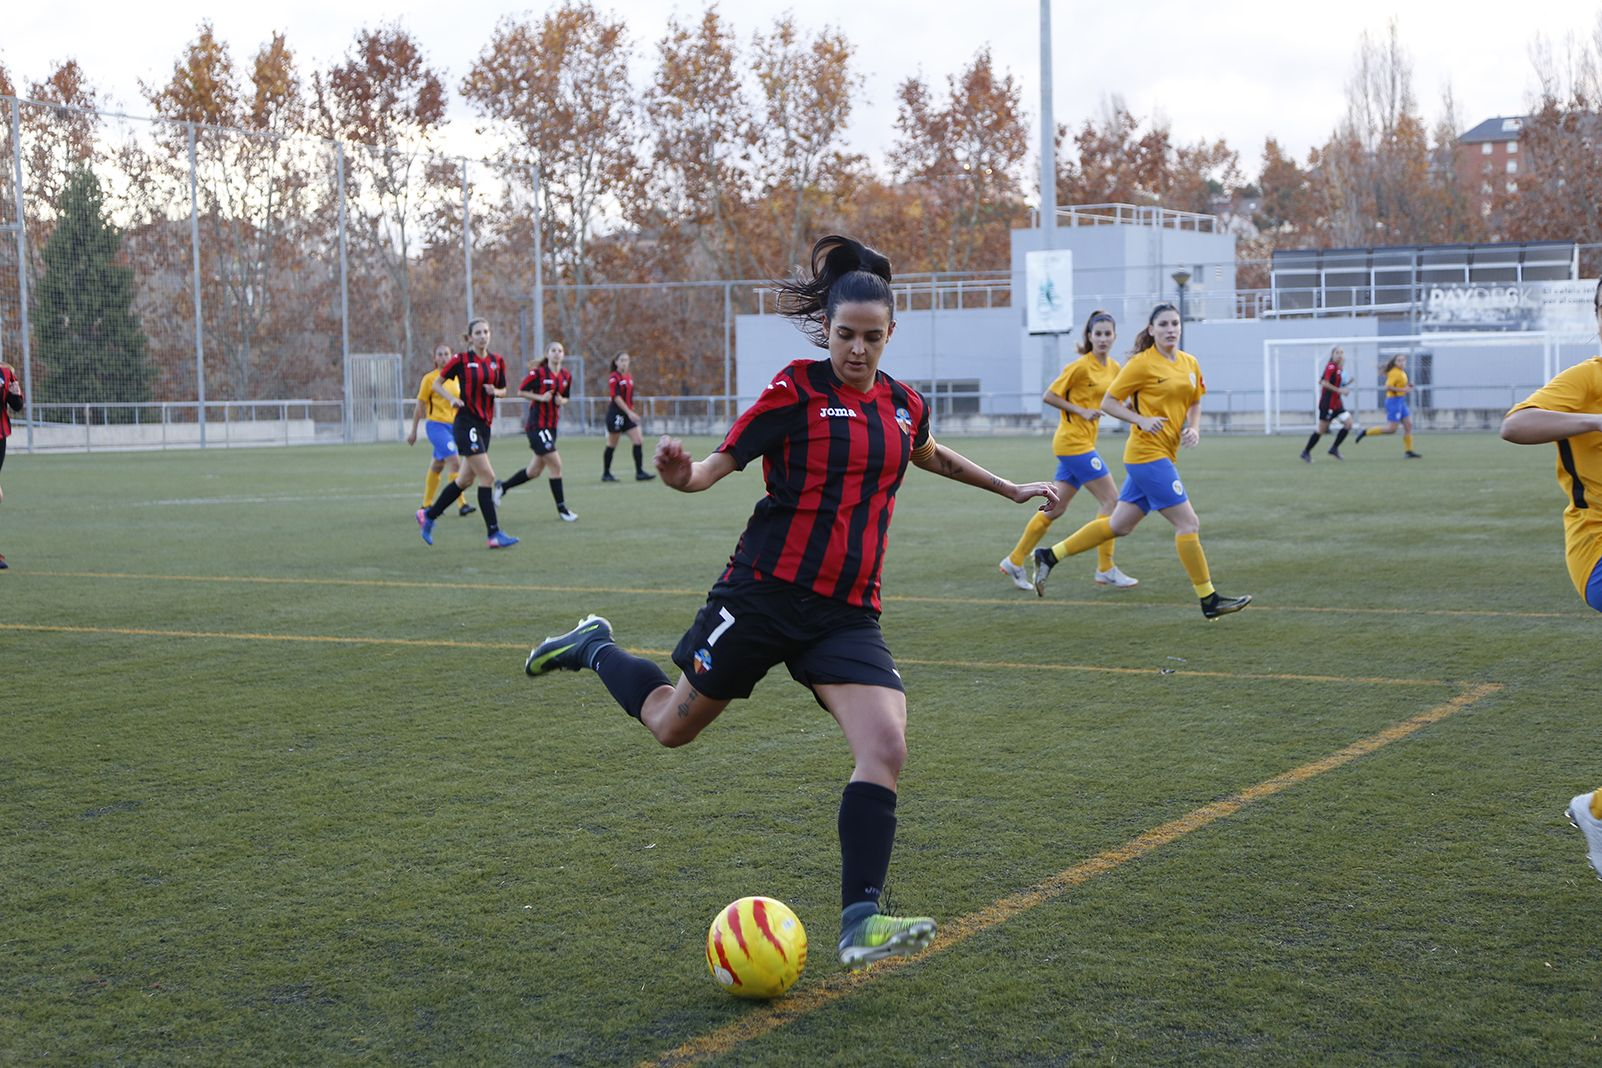 Partit de lliga futbol femení Sant Cugat FC- CD Fontasanta-Fatjó. FOTO: Anna Bassa